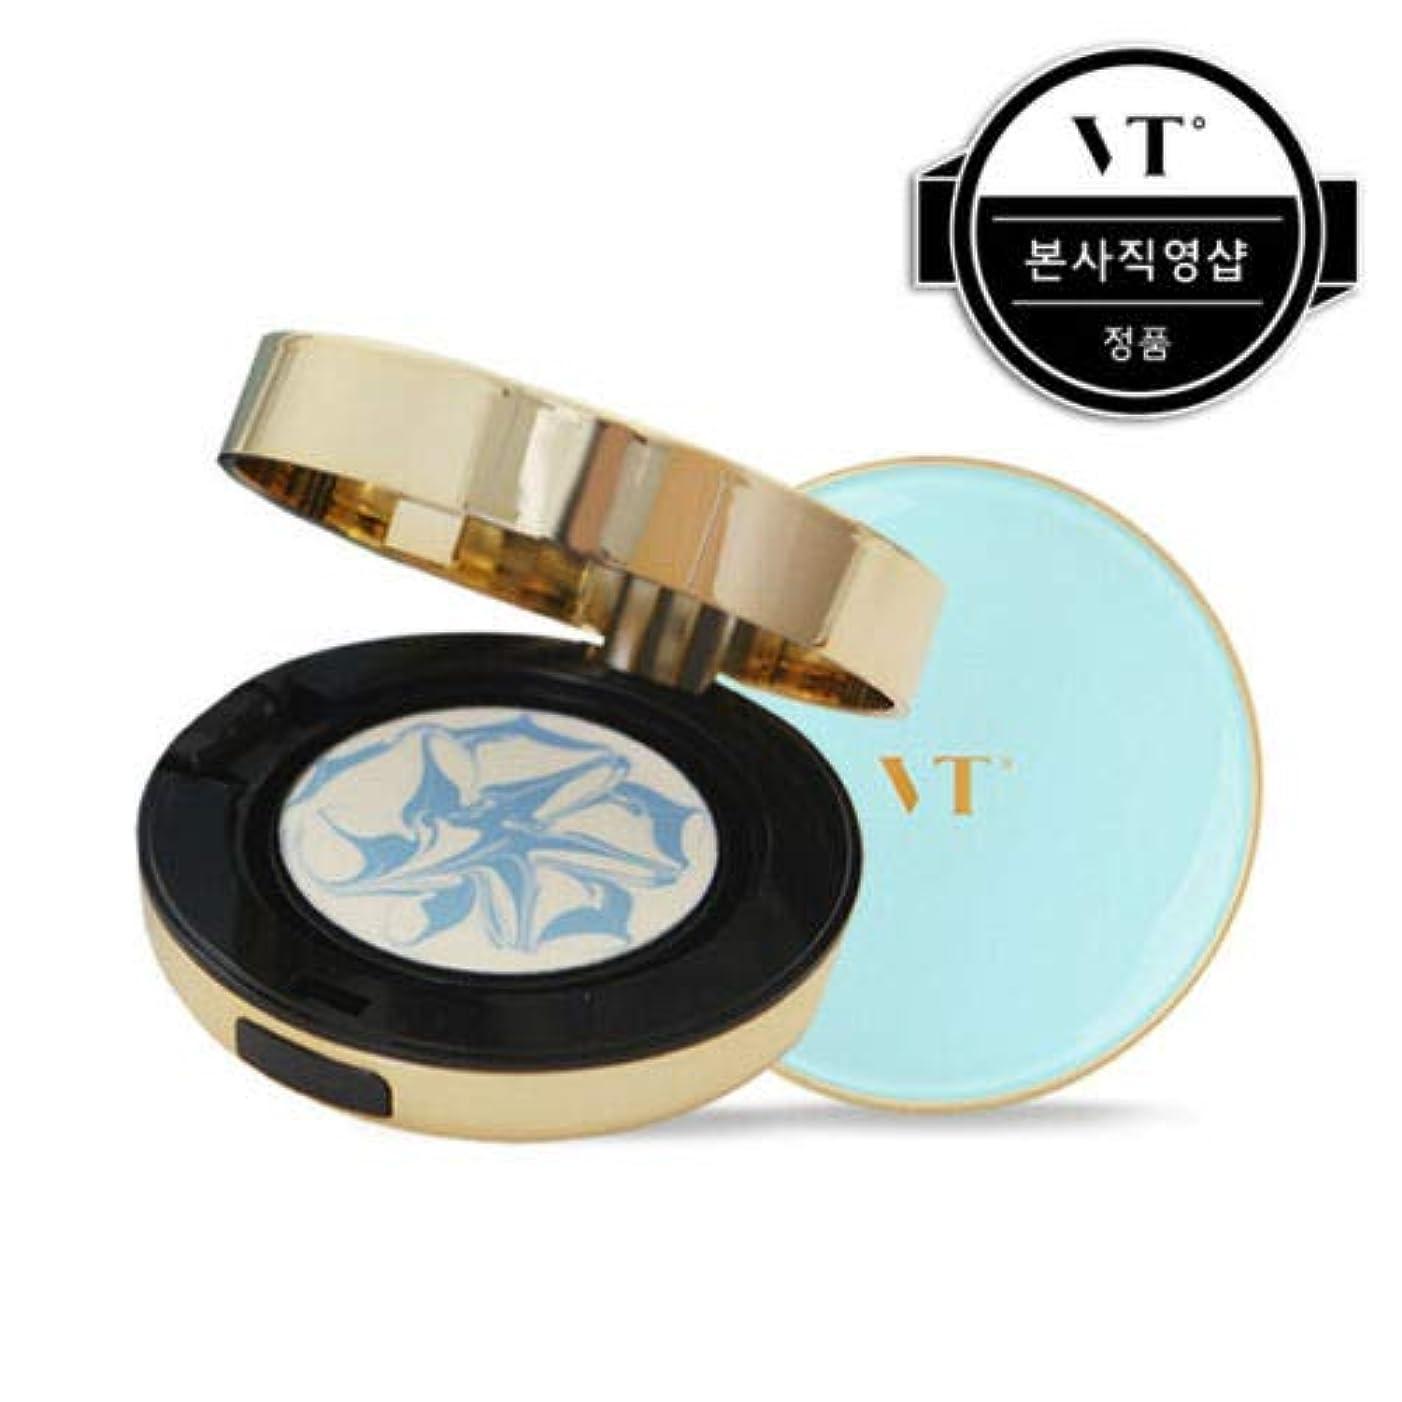 口実オーブン大通りVT Cosmetic Essence Sun Pact エッセンス サン パクト 本品11g + リフィール 11g, SPF50+/PA+++